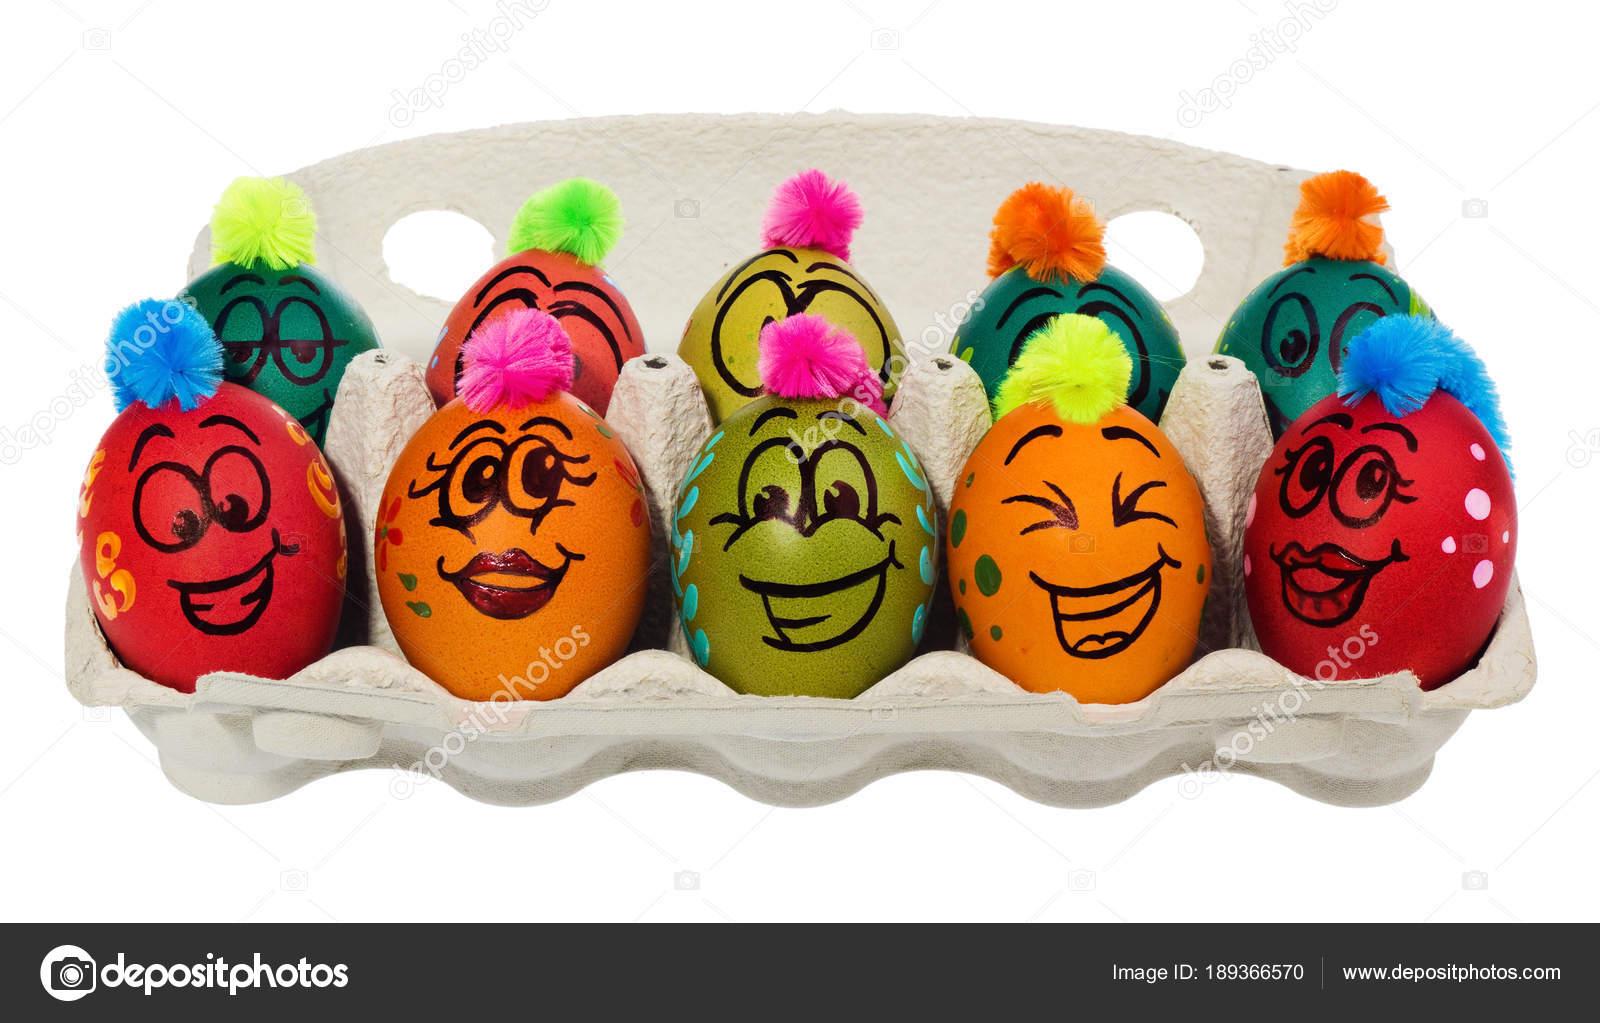 Paskalya Yumurtaları El Boyaması Gülümseyen Ve Dehşete Fac